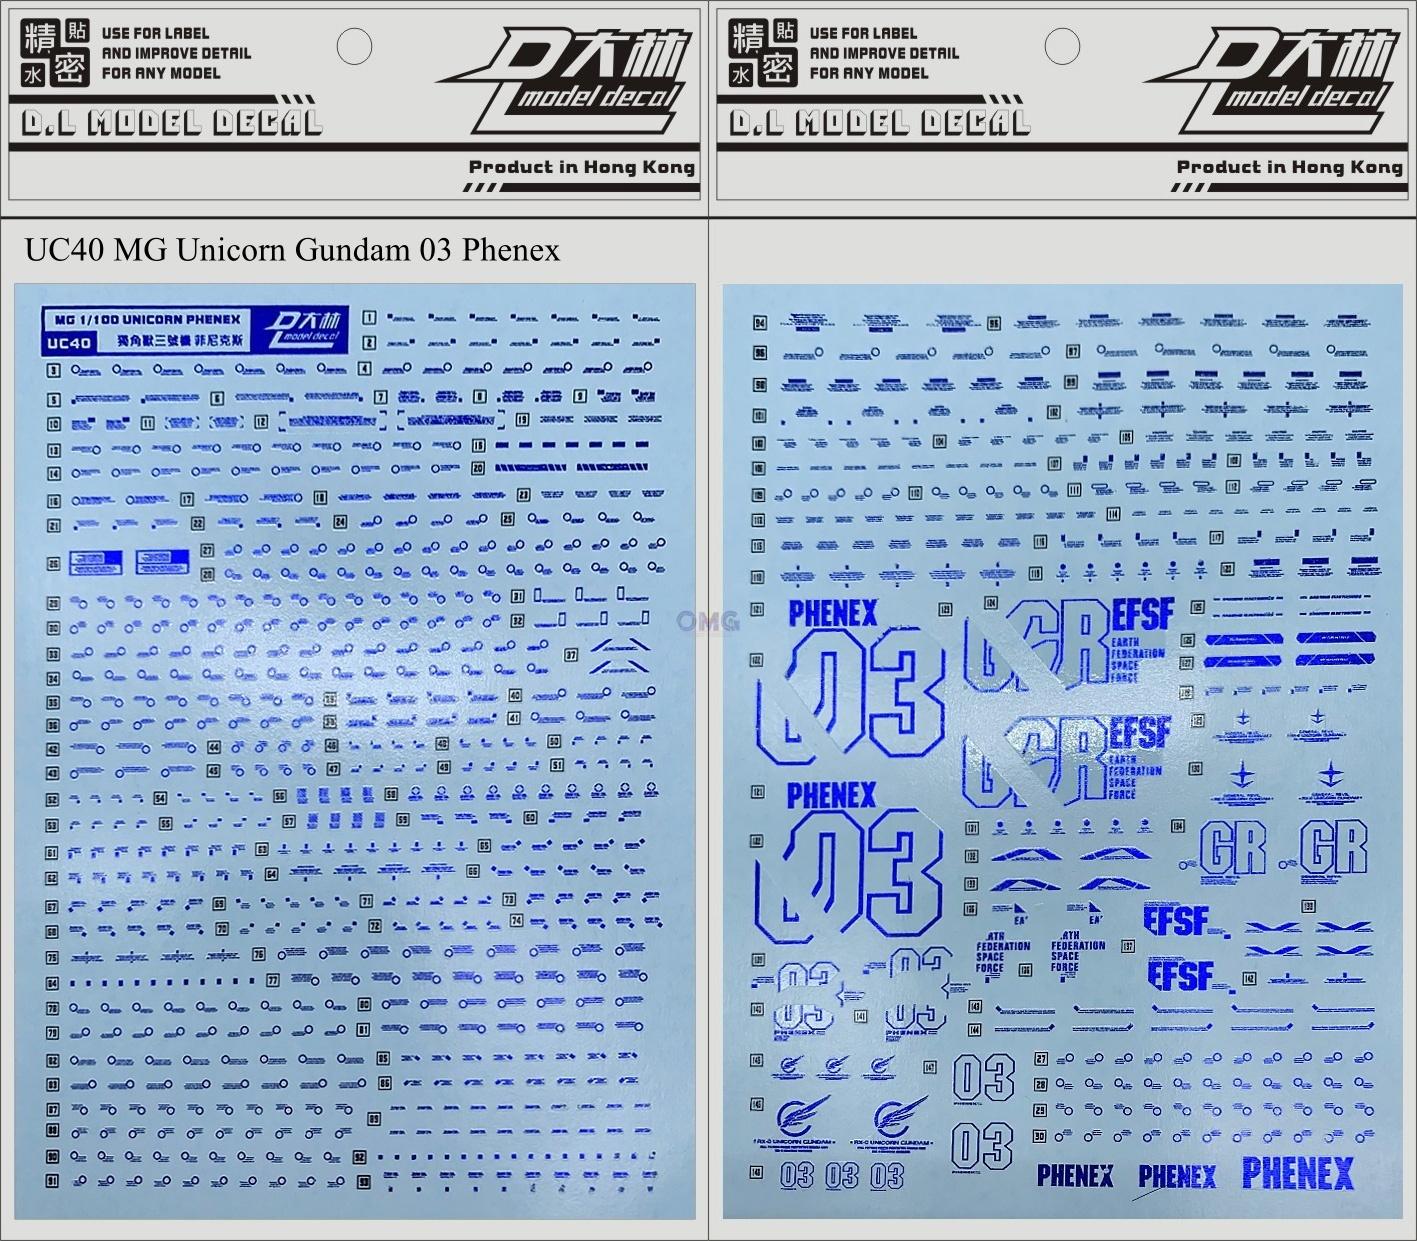 UC40 Dalin Water Decals for MG 1 100 Unicorn Gundam 03 Phenex (Metallic) 1.0.jpg